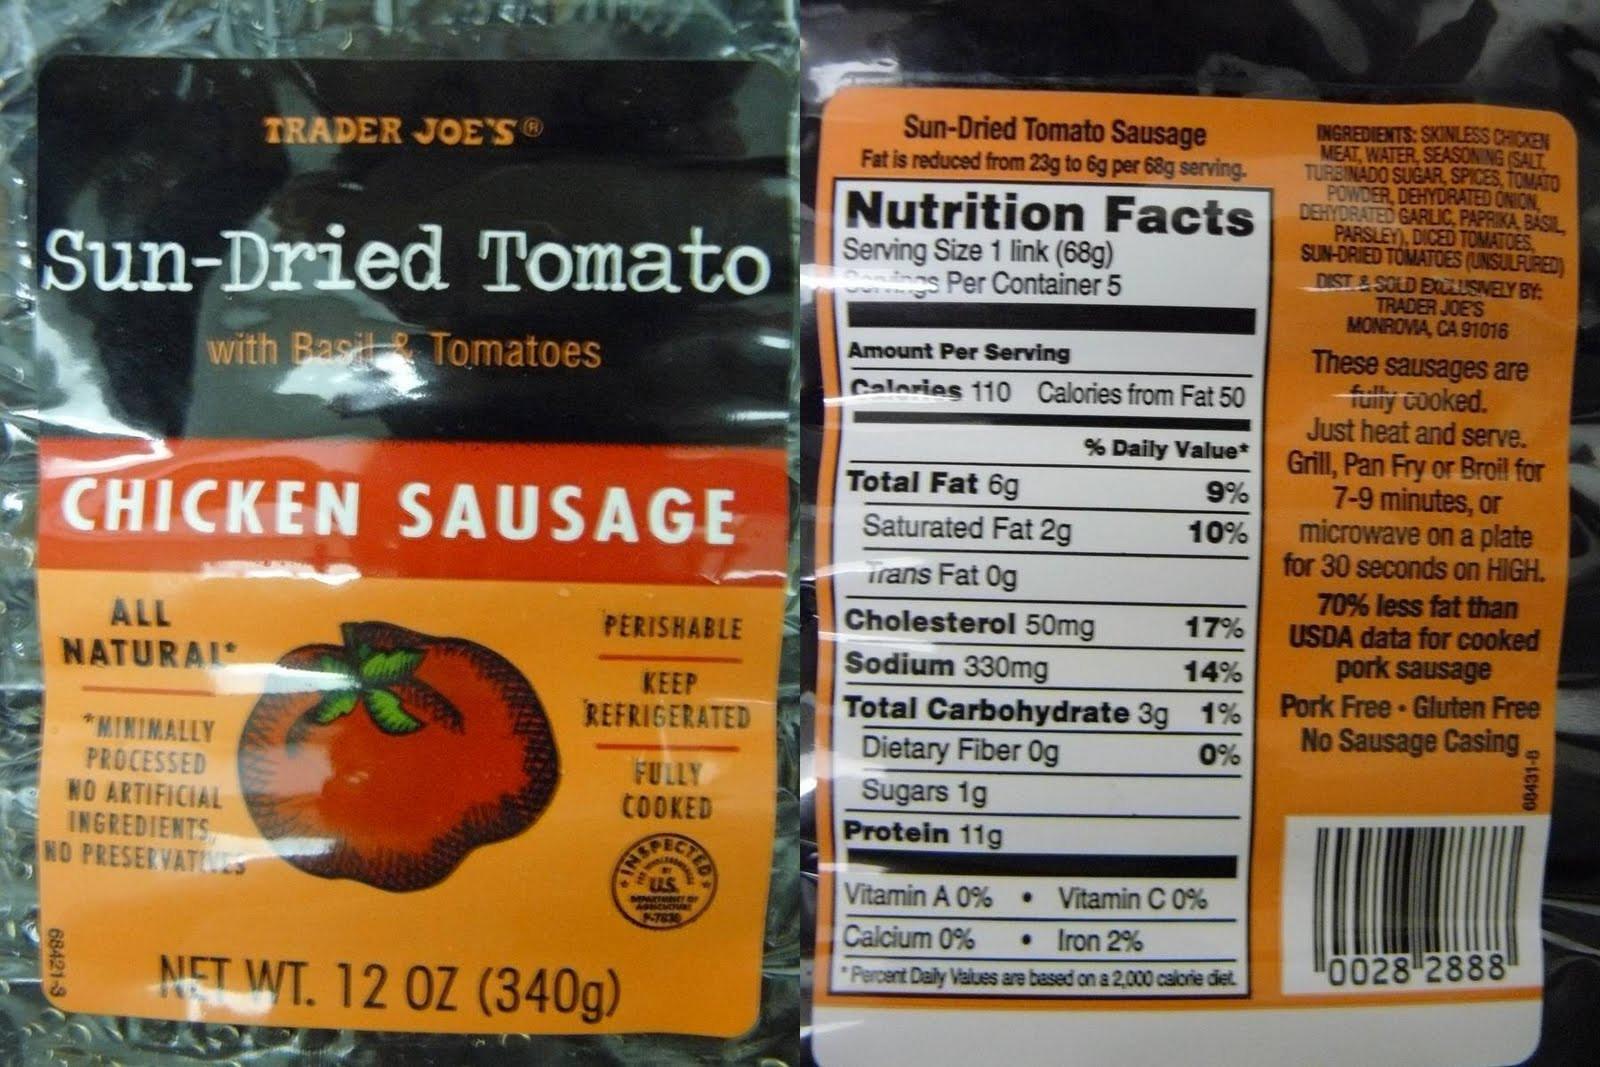 Chicken Sausage Calories  trader joe chicken sausage nutrition